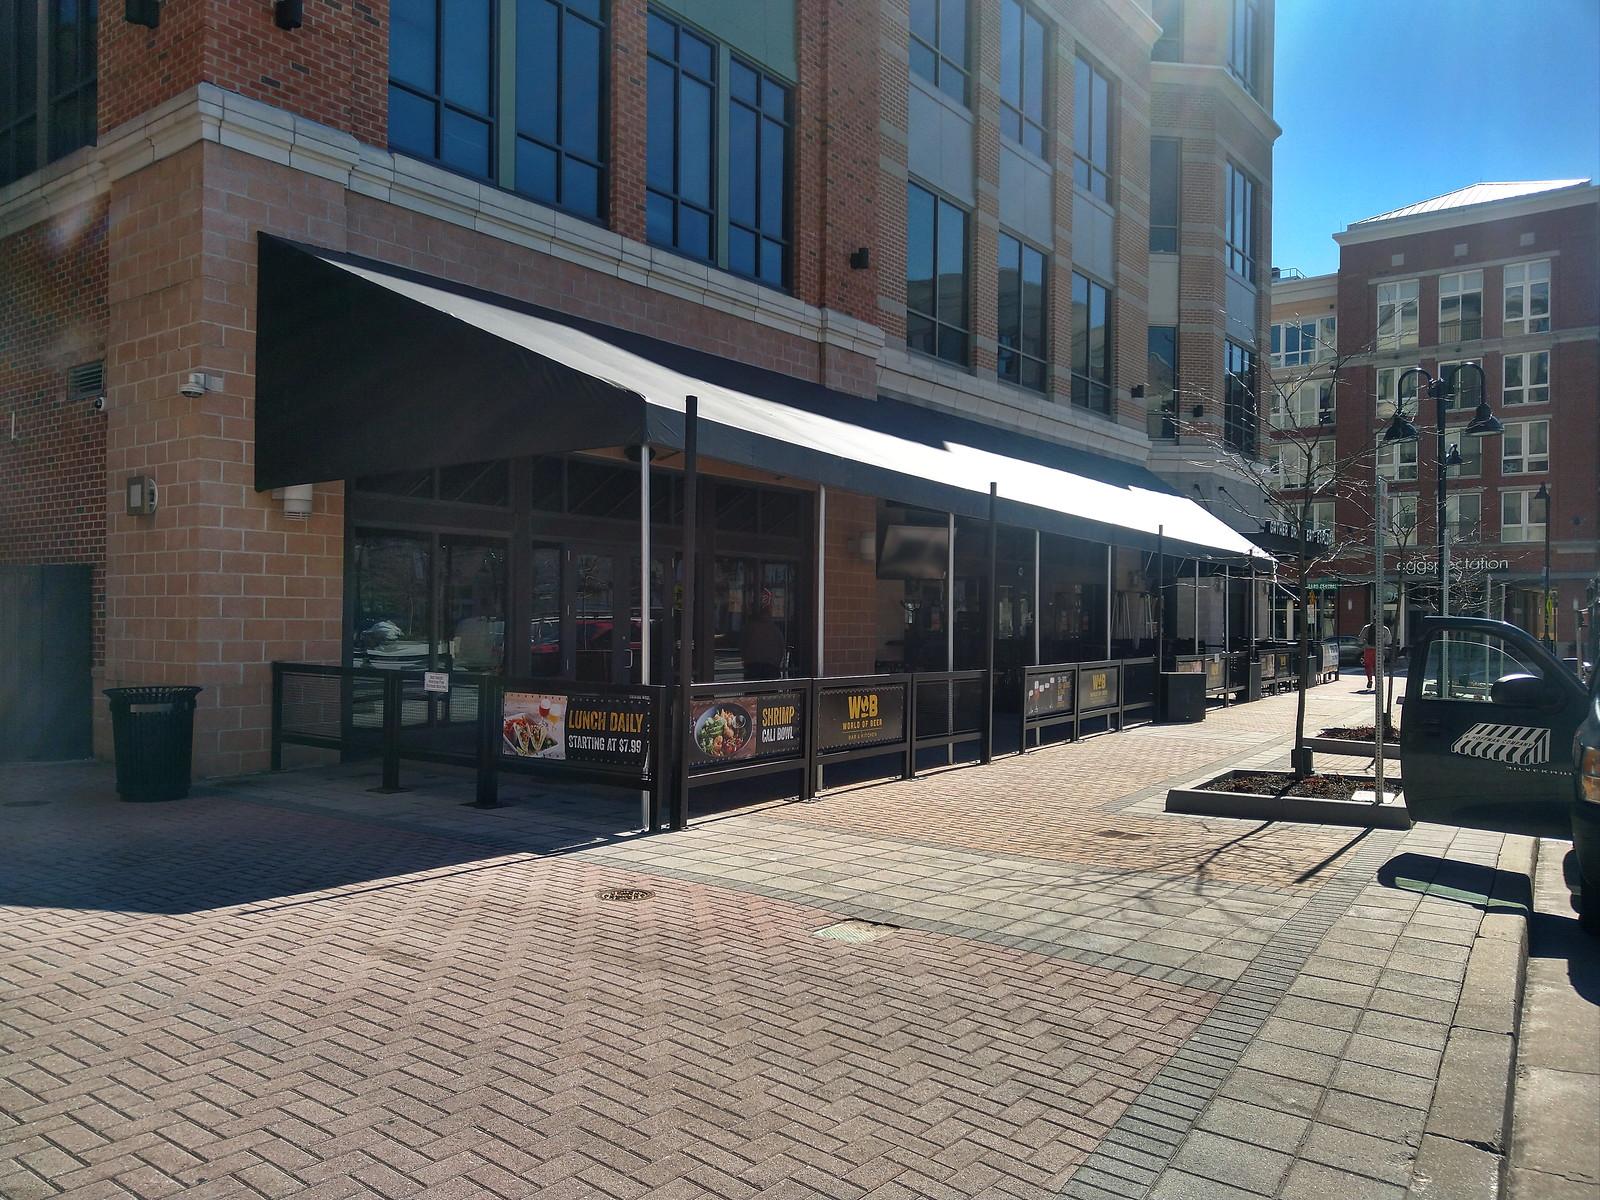 Sidewalk-Restaurant Awning Baltimore-Hoffman